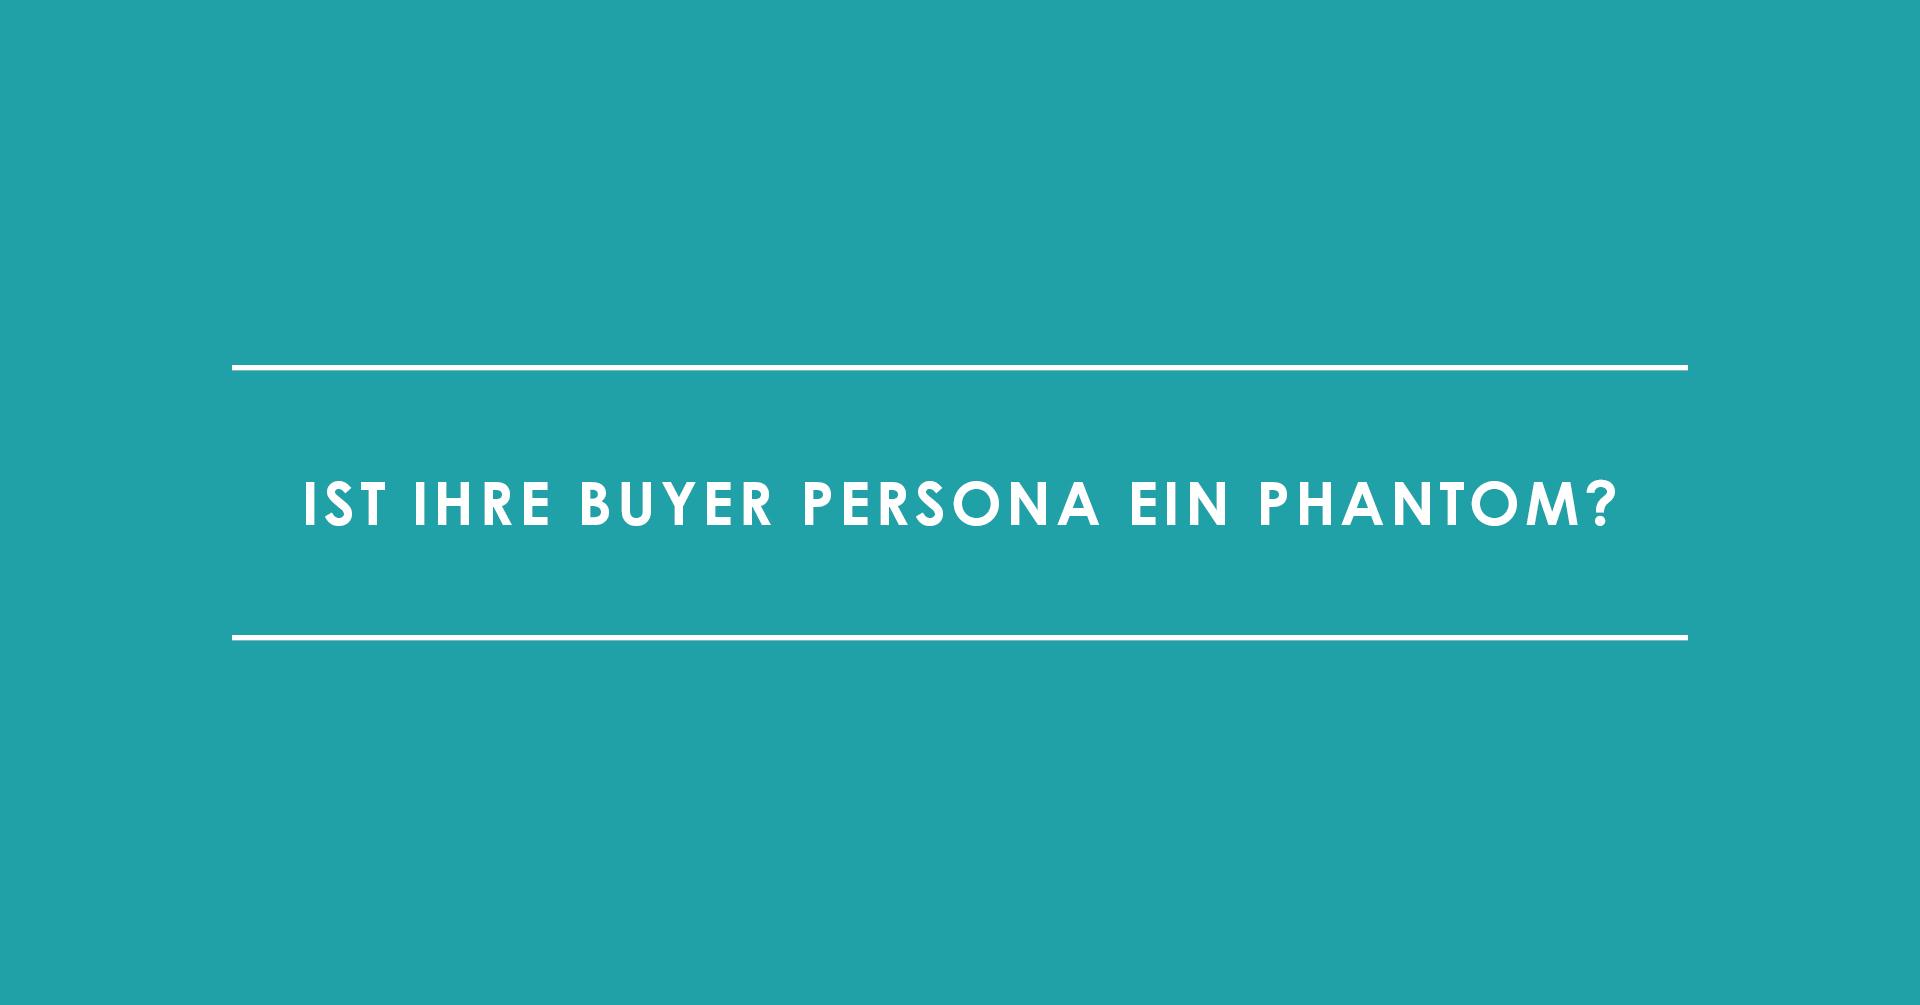 Ist Ihre Buyer Persona ein Phantom?